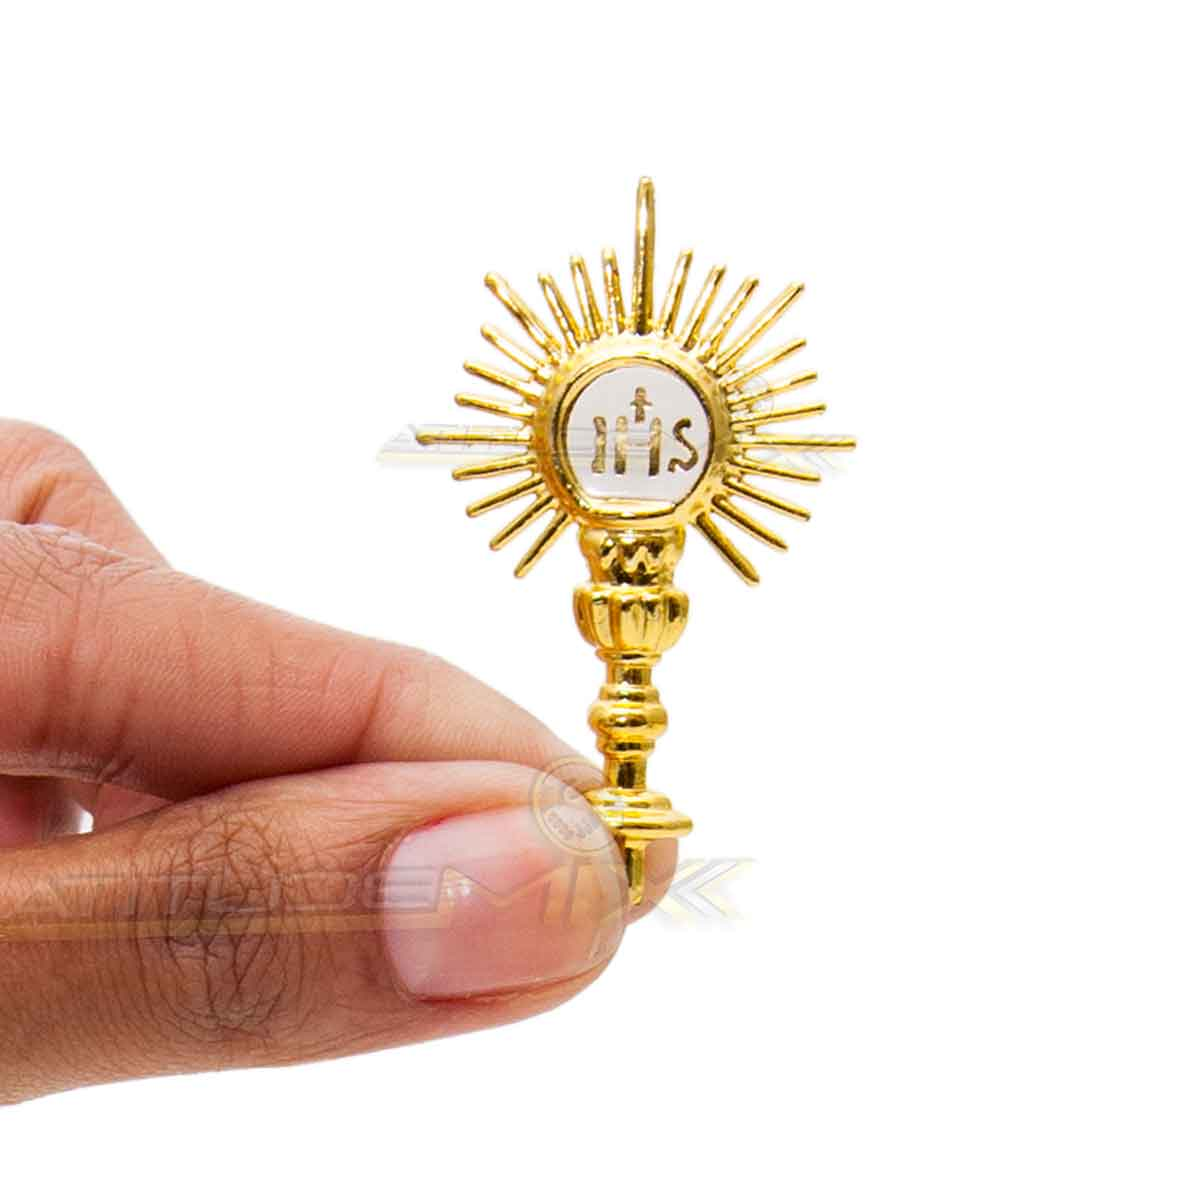 Kit Com 12 Ostensórios Dourados Batizados Primeira Comunhão